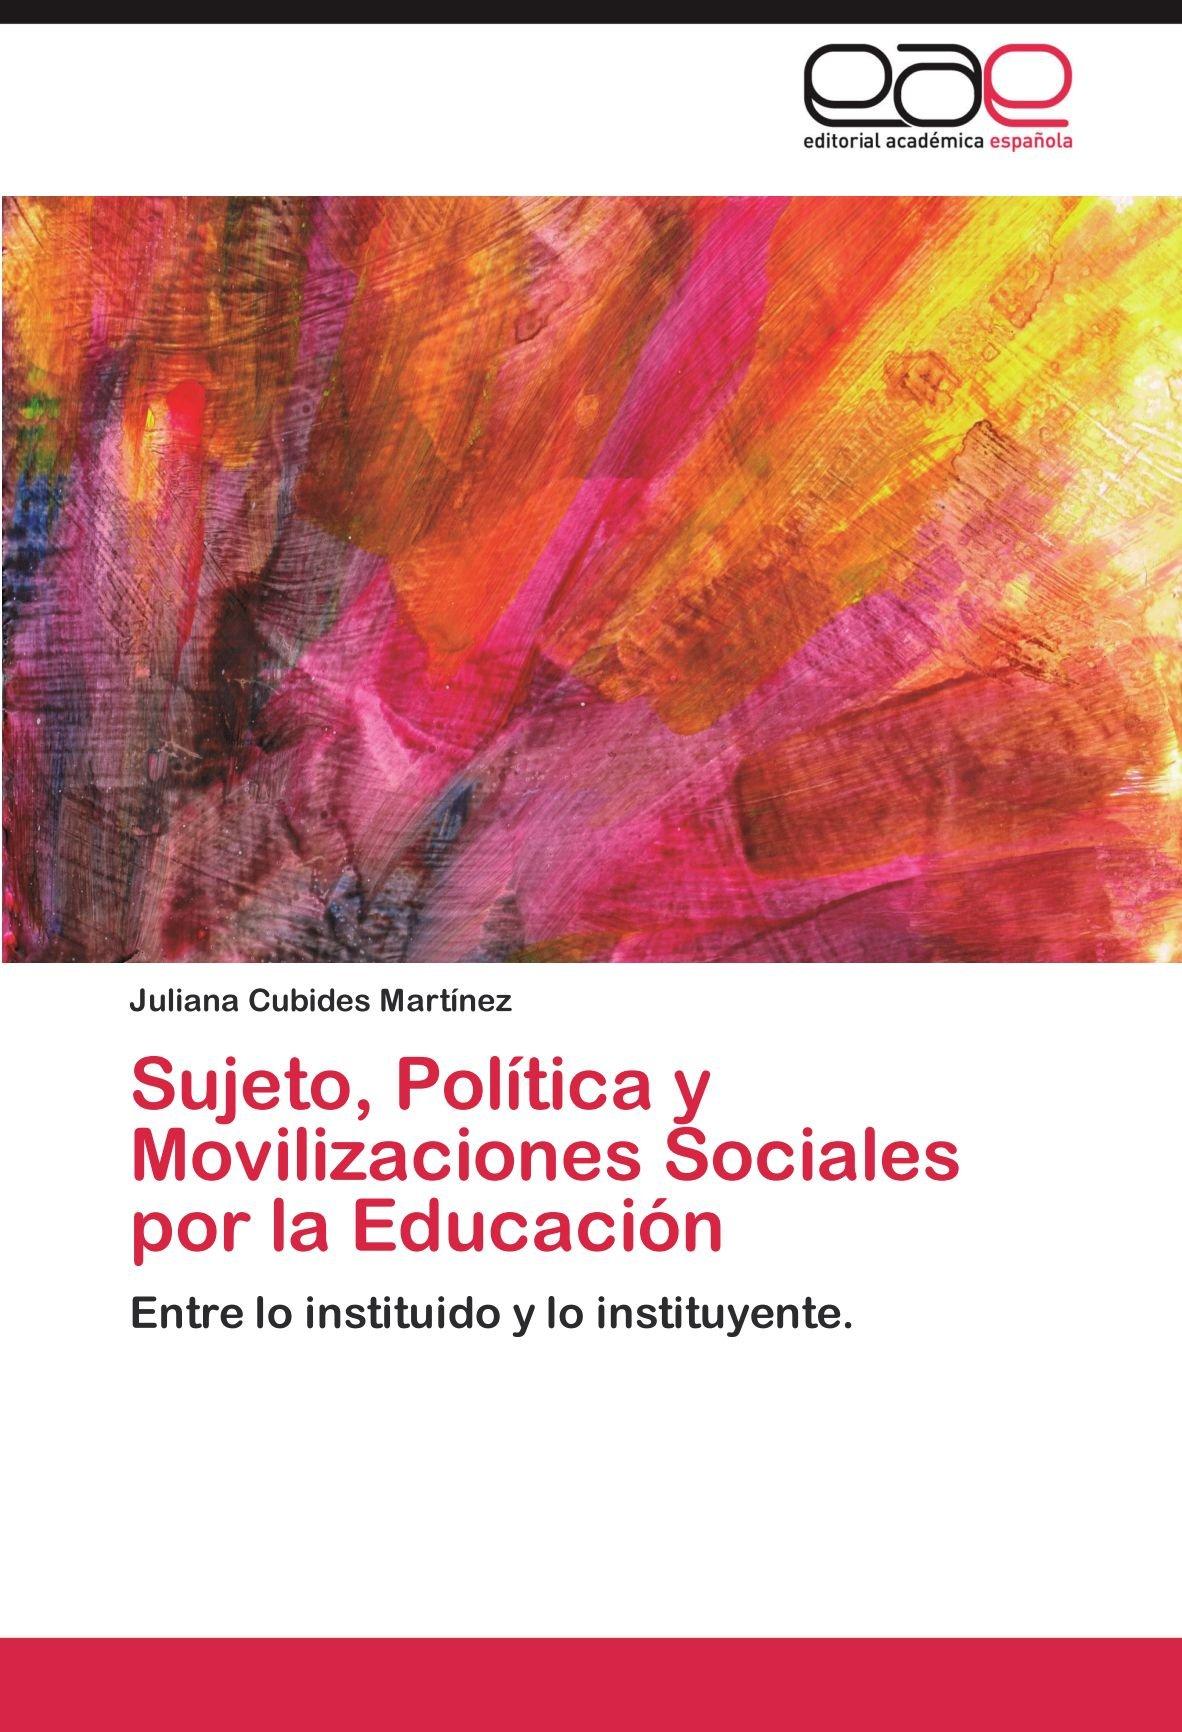 Sujeto, Politica y Movilizaciones Sociales Por La Educacion: Amazon.es: Juliana Cubides Mart Nez: Libros